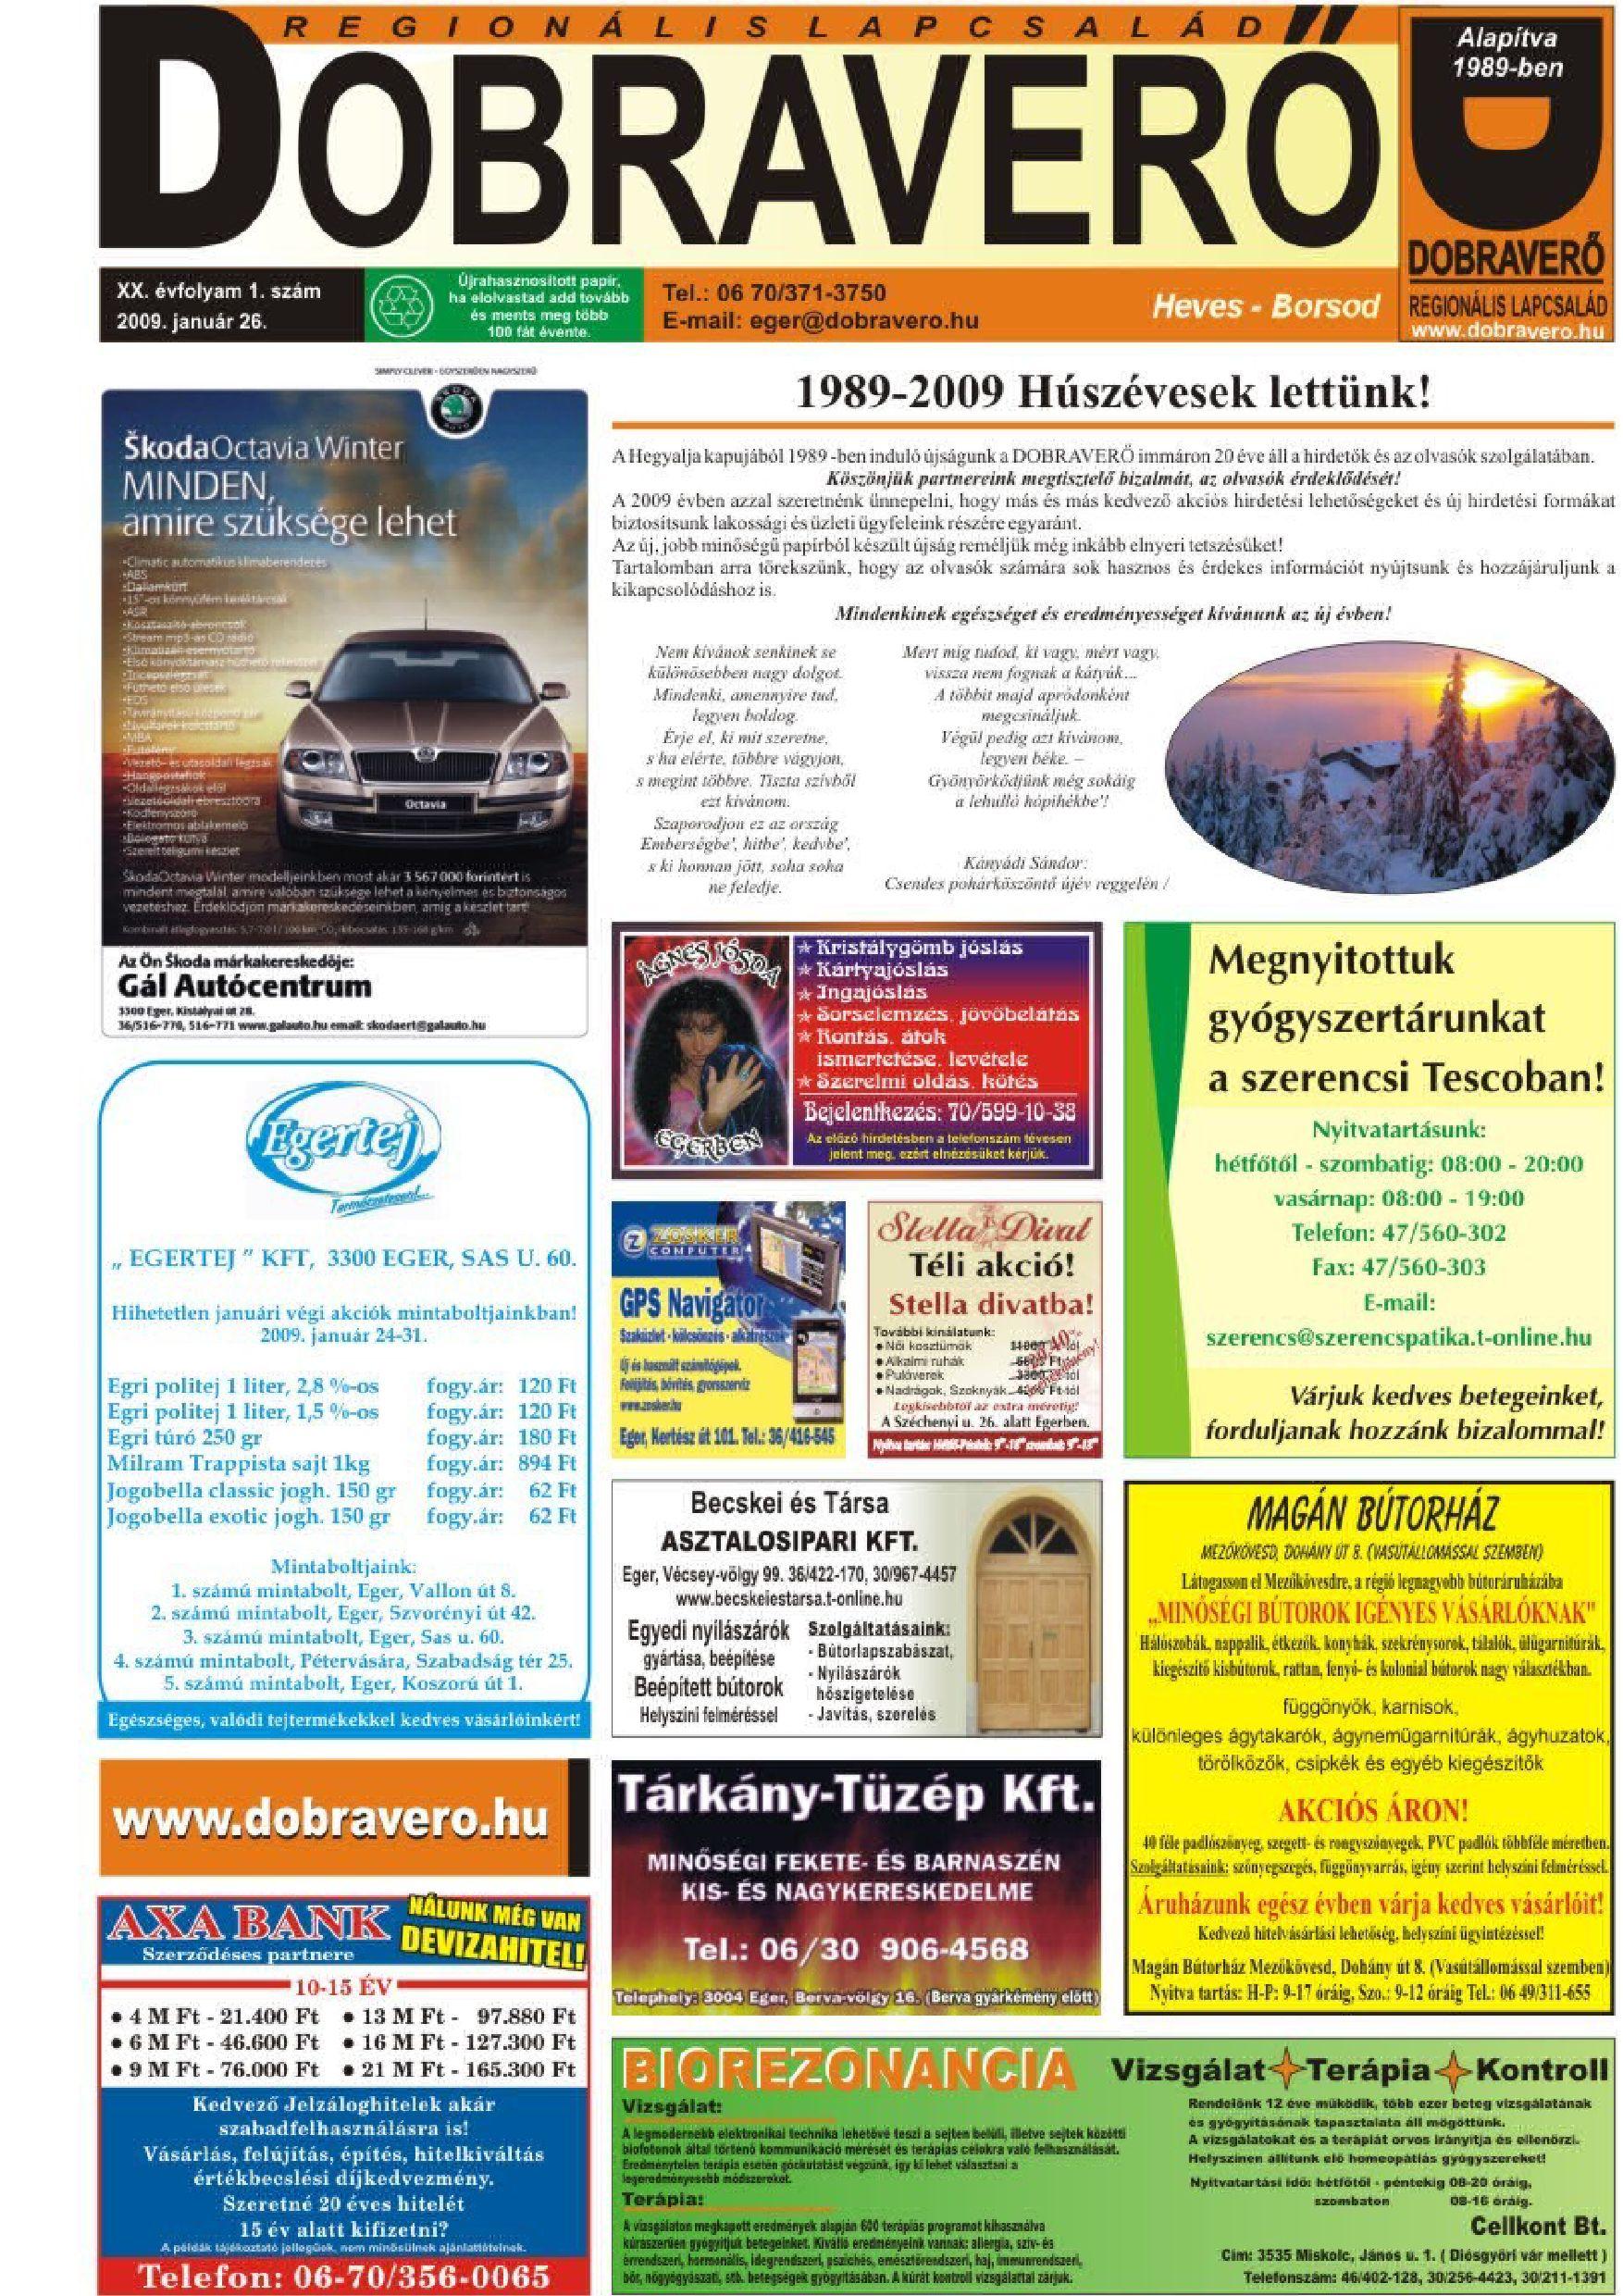 Belföldi-kamionsofőröket-300-ezer-forint-nettó-kereseti-lehetőséggel Állás